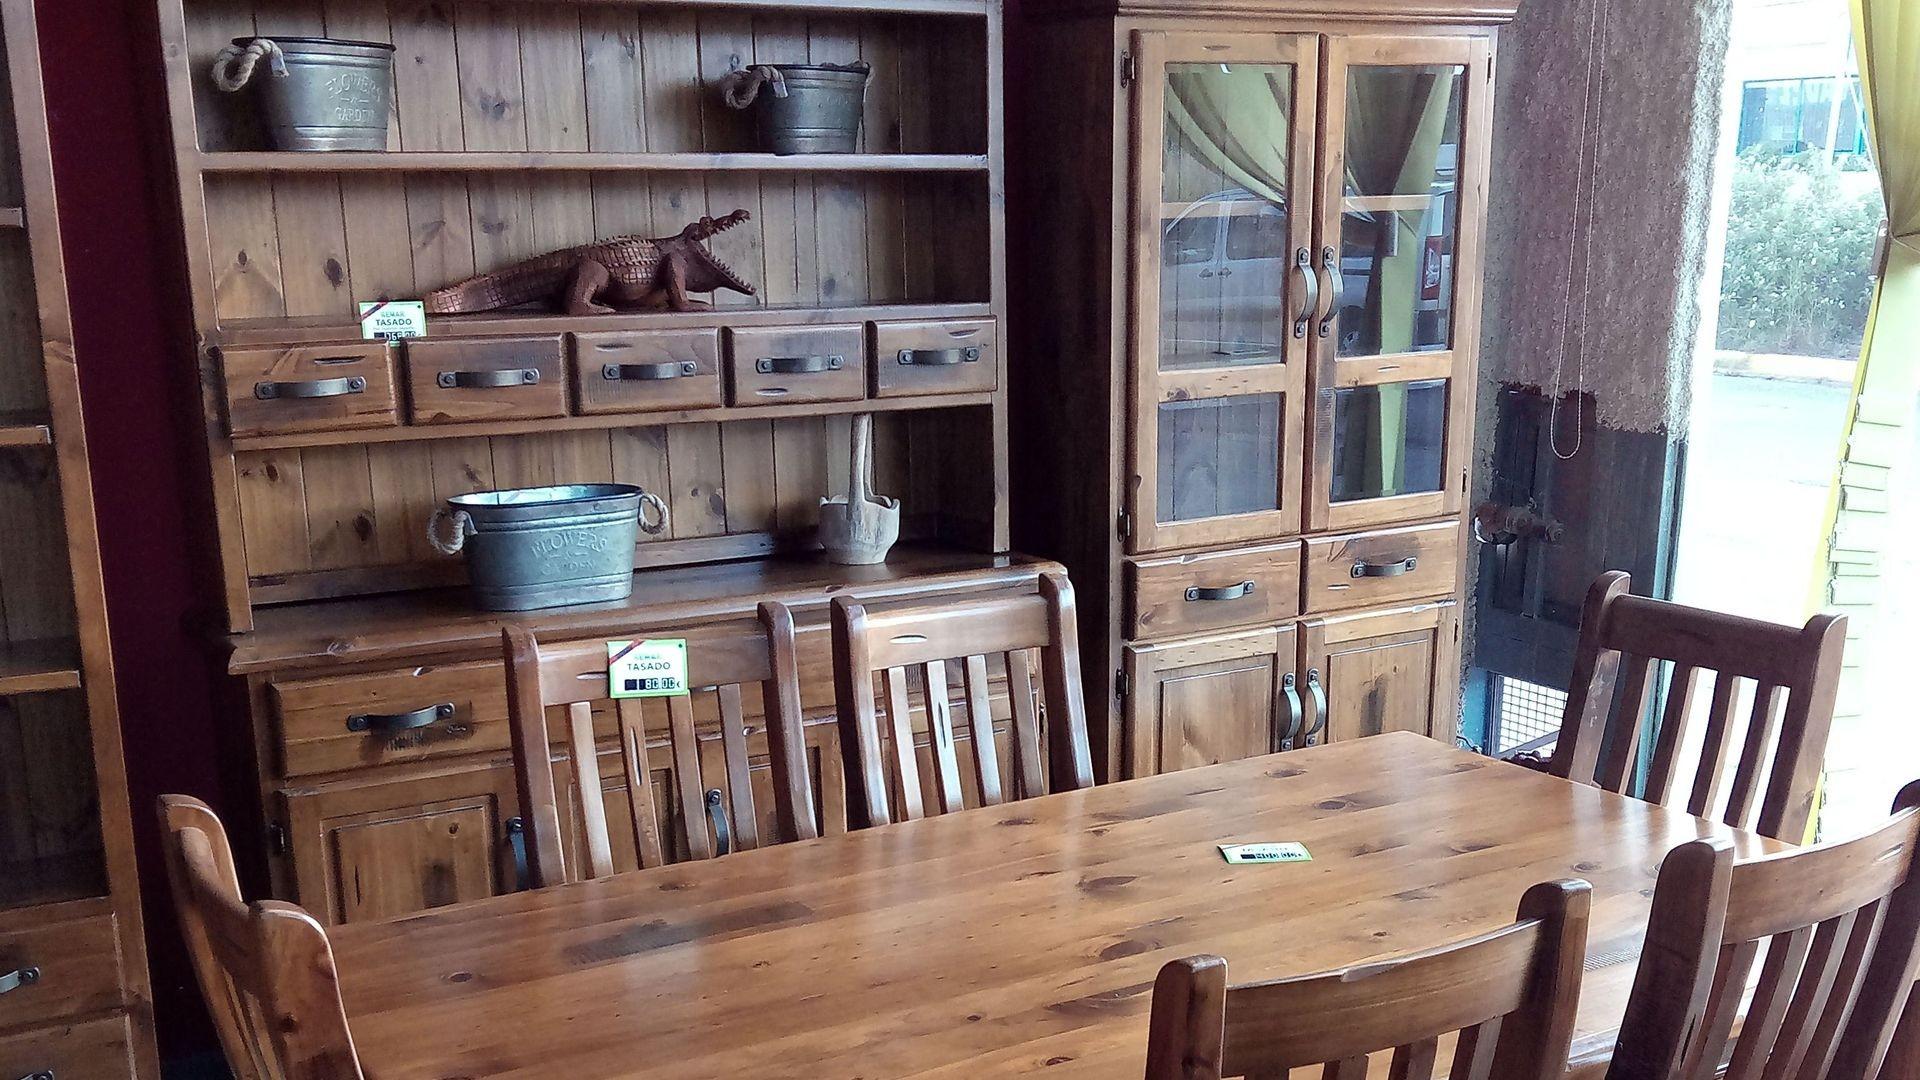 Venta de muebles y servicio de mudanzas en Castellón de La Plana